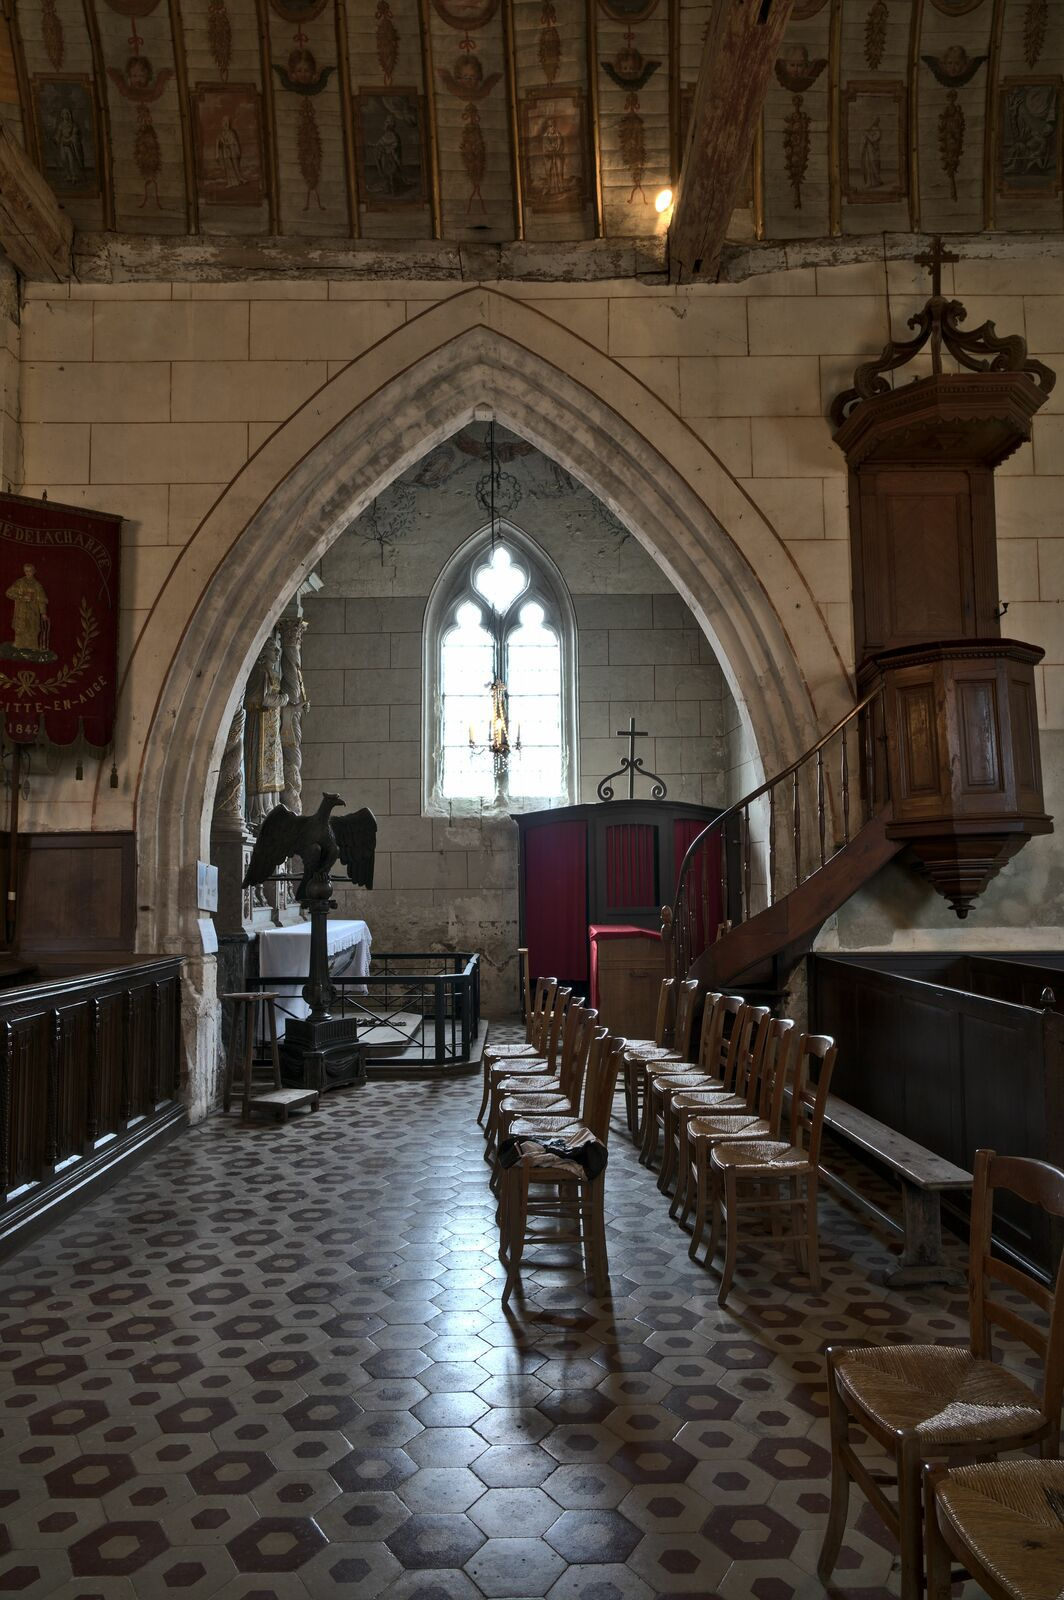 Eglise Saint-Denis, Pierrefitte en Auge, calvados